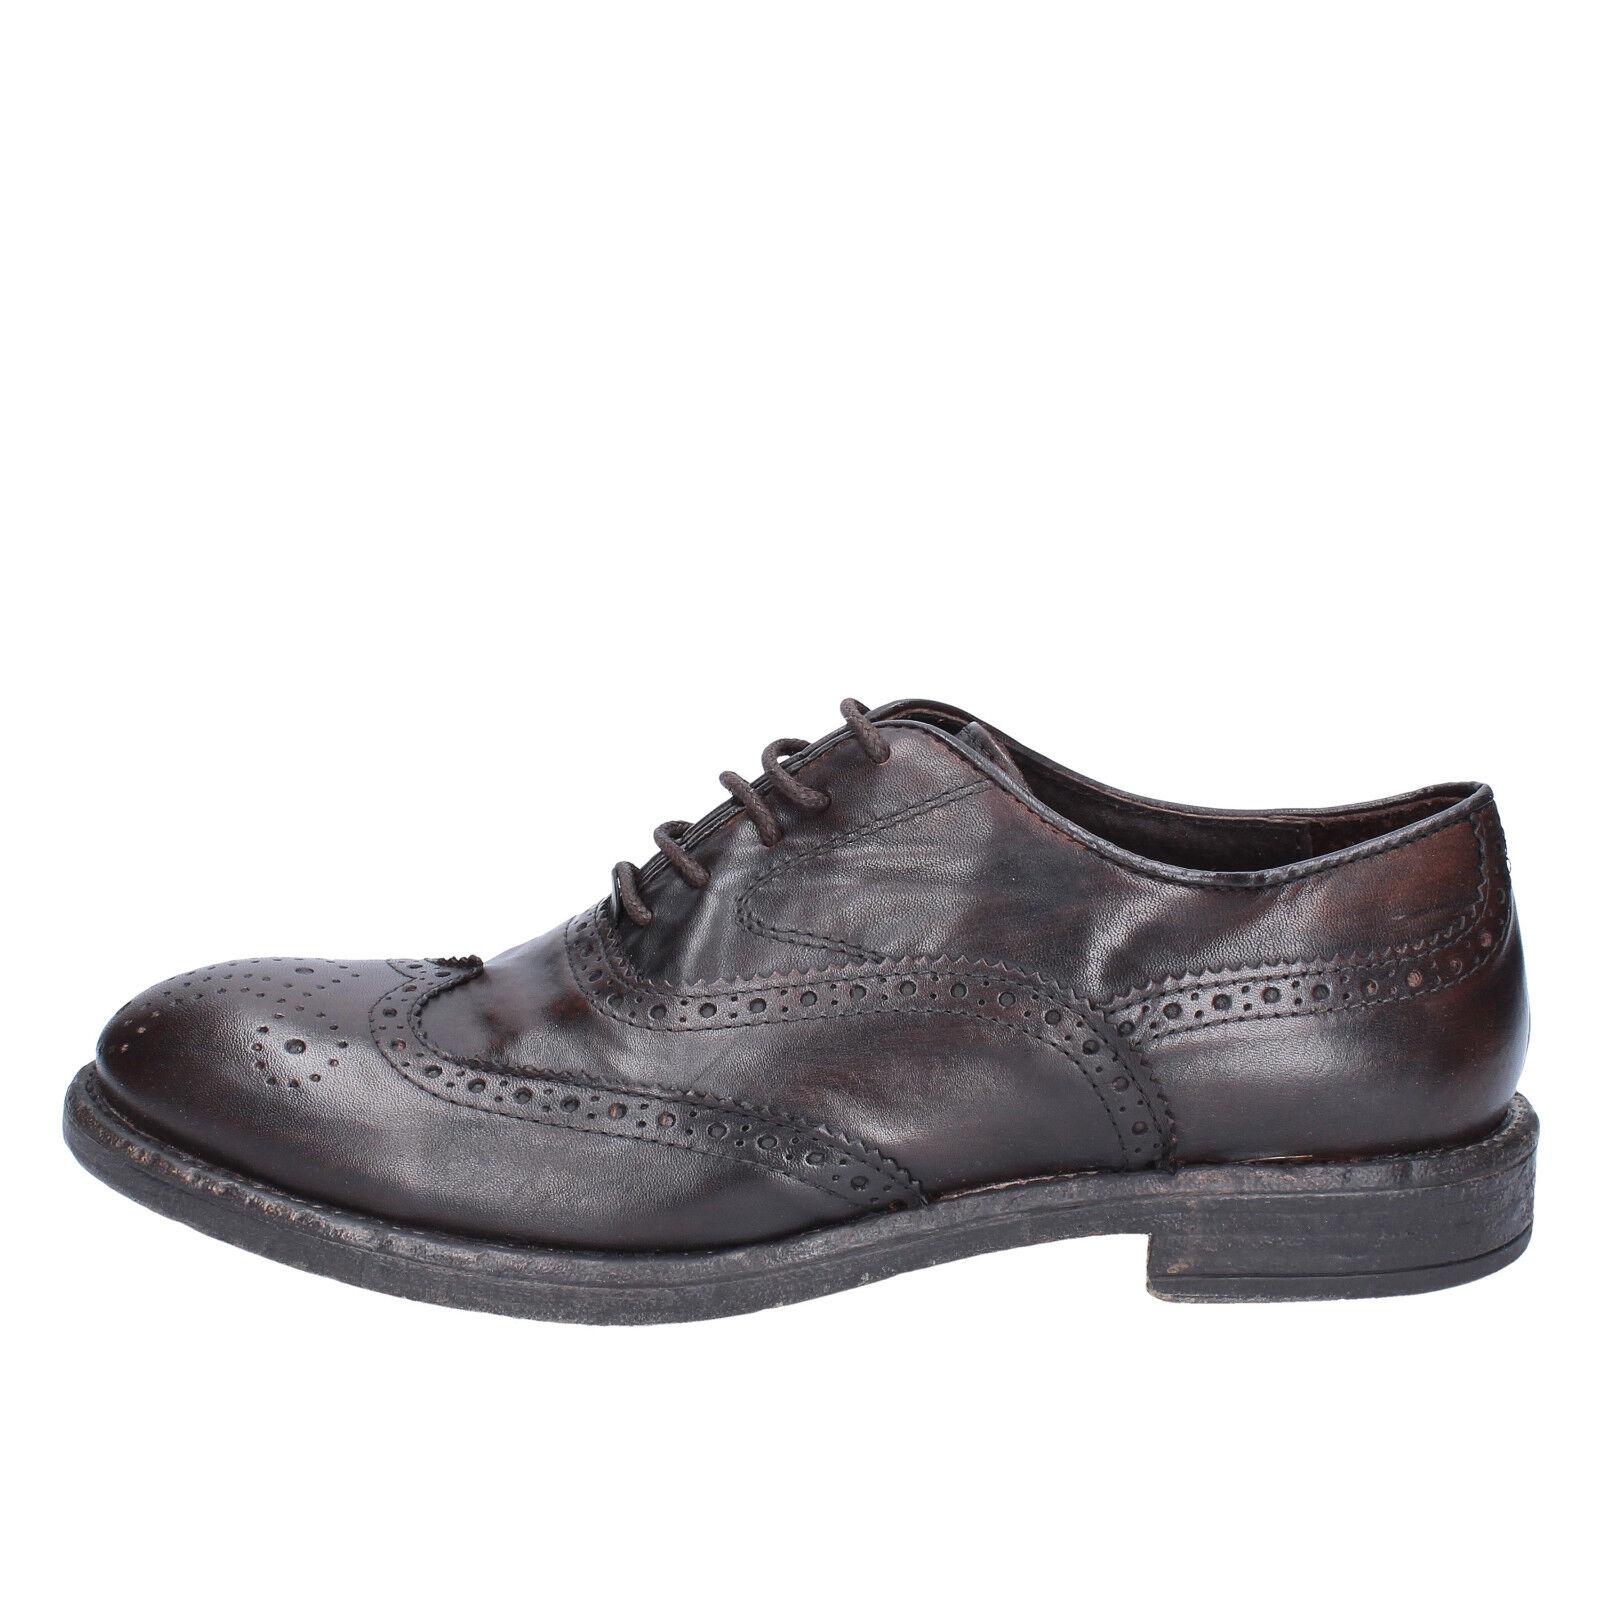 Mens shoes Cesare Maurizi 44 EU Elegant Brown Leather bx525-44